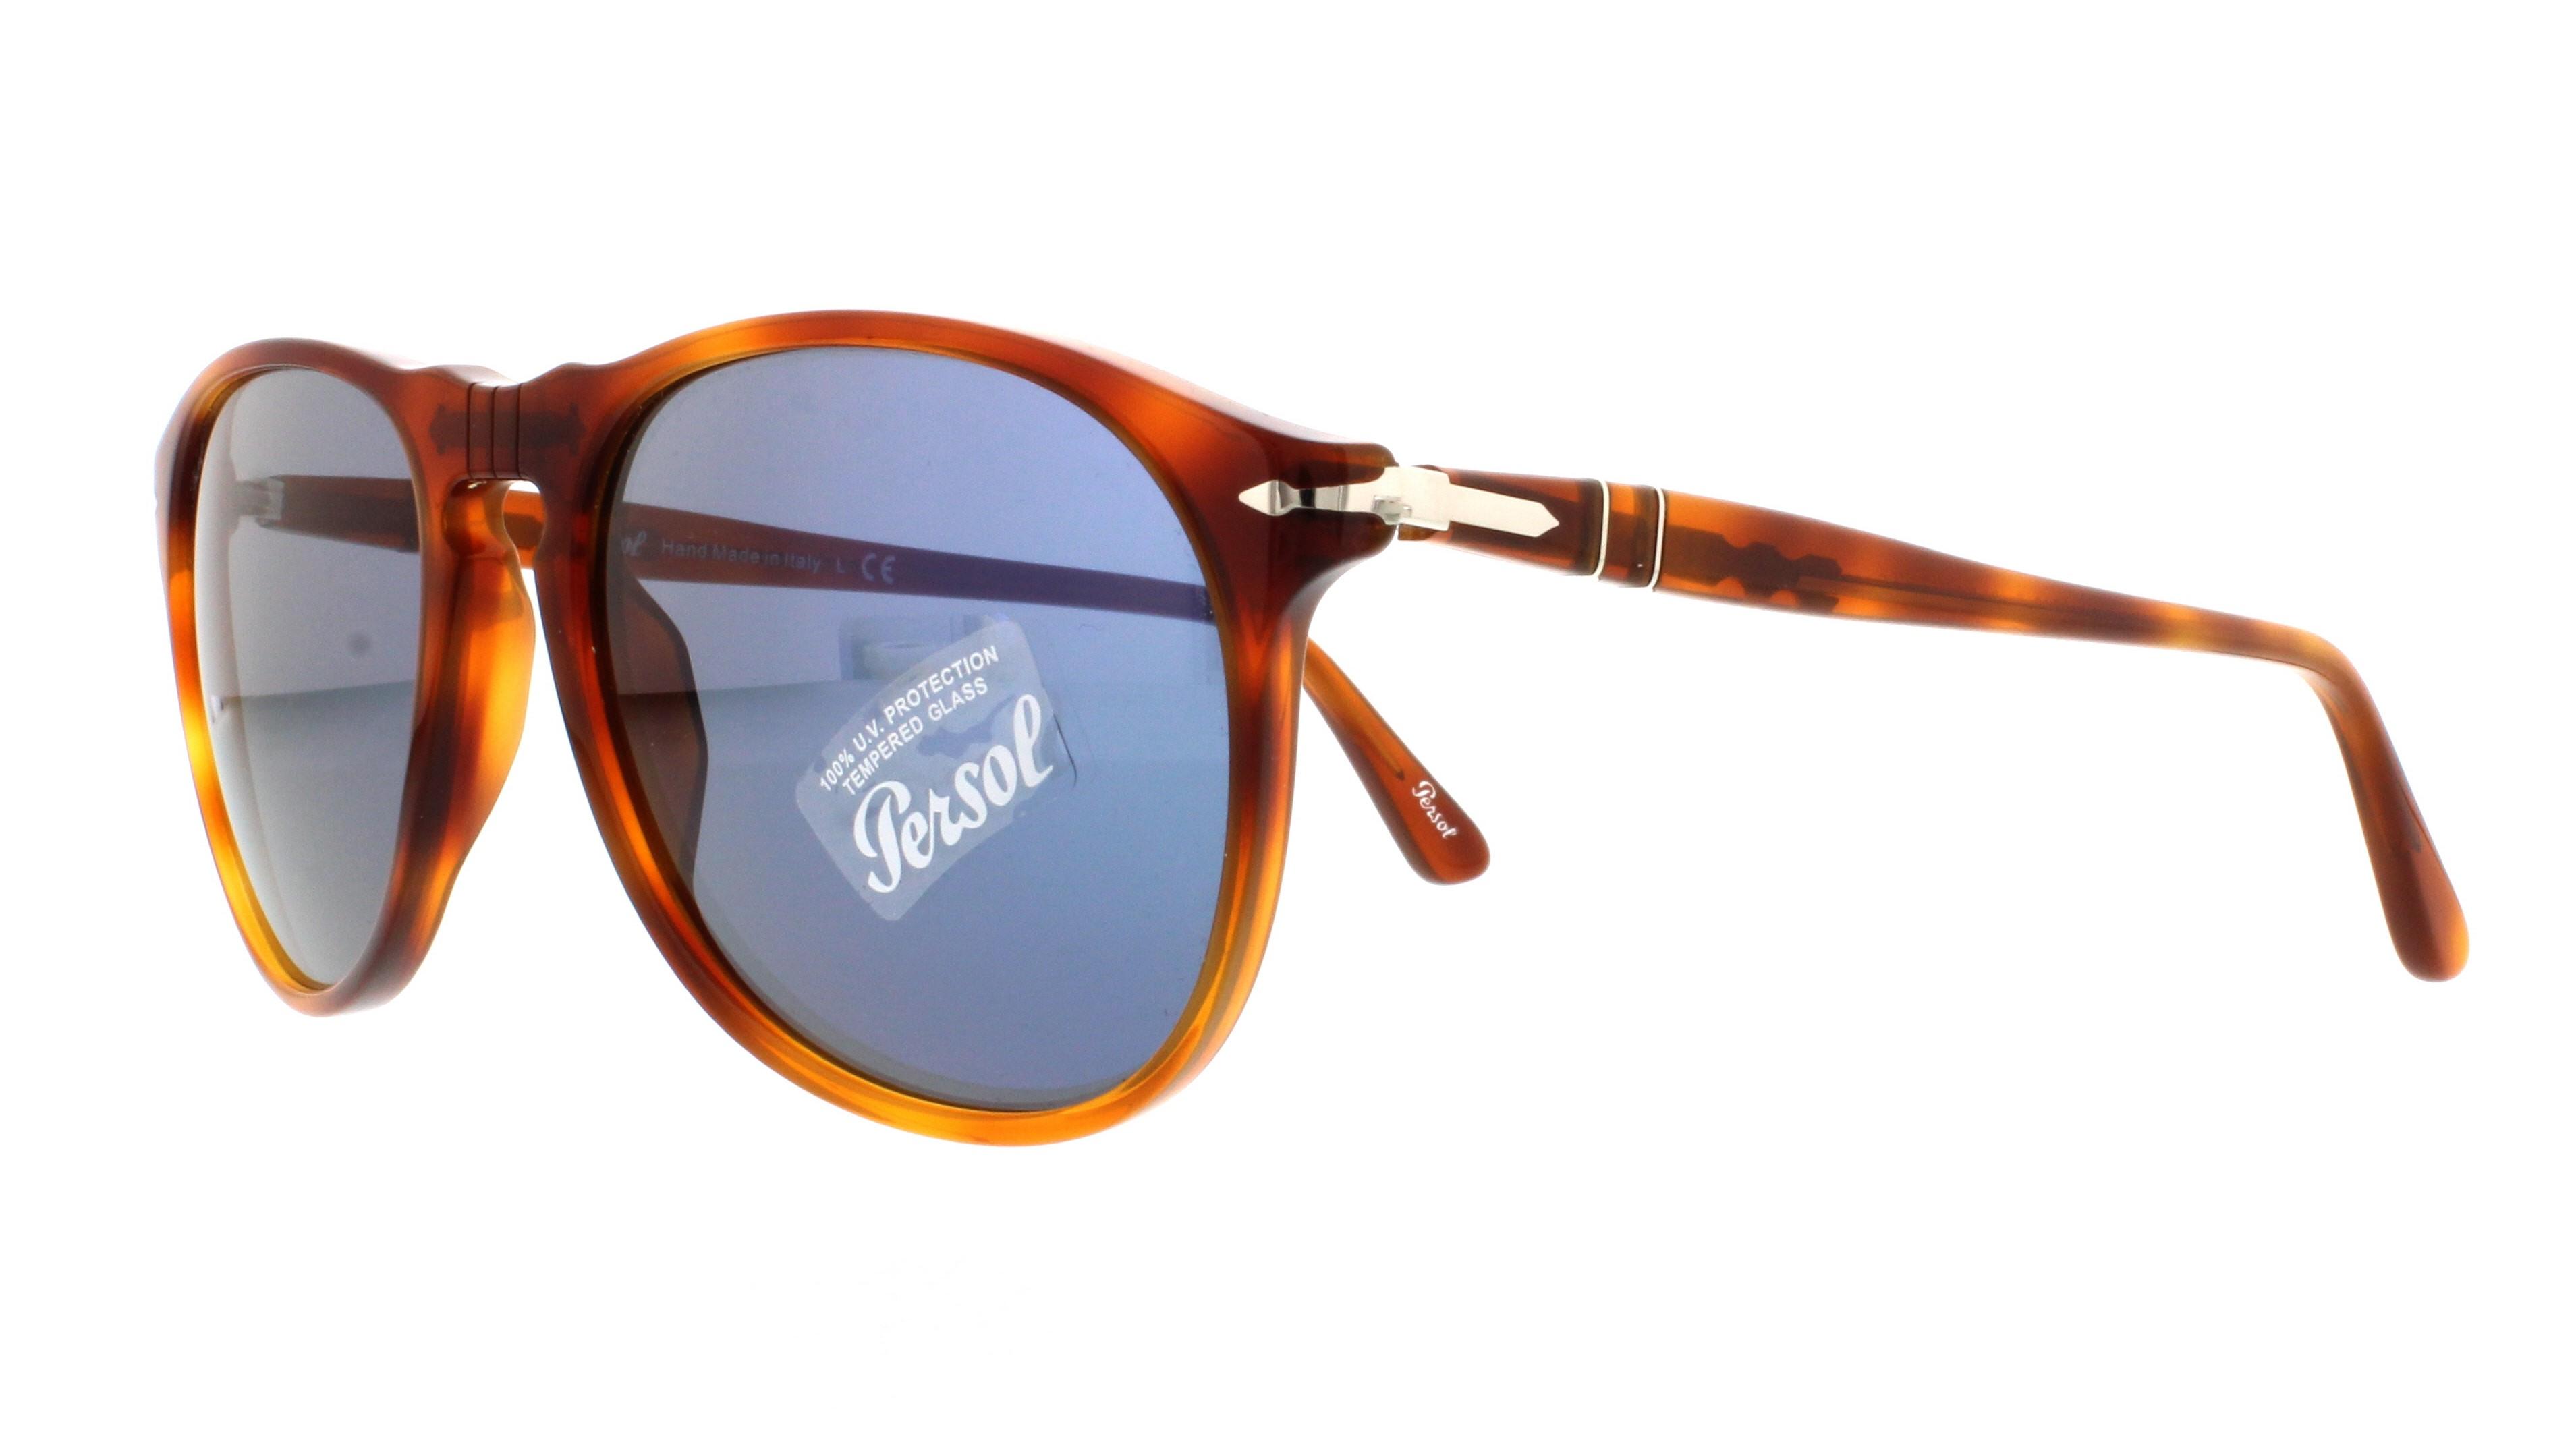 86be6ecd21e PERSOL Sunglasses PO9649S 96 56 Terra Di Siena 55MM 648676217638